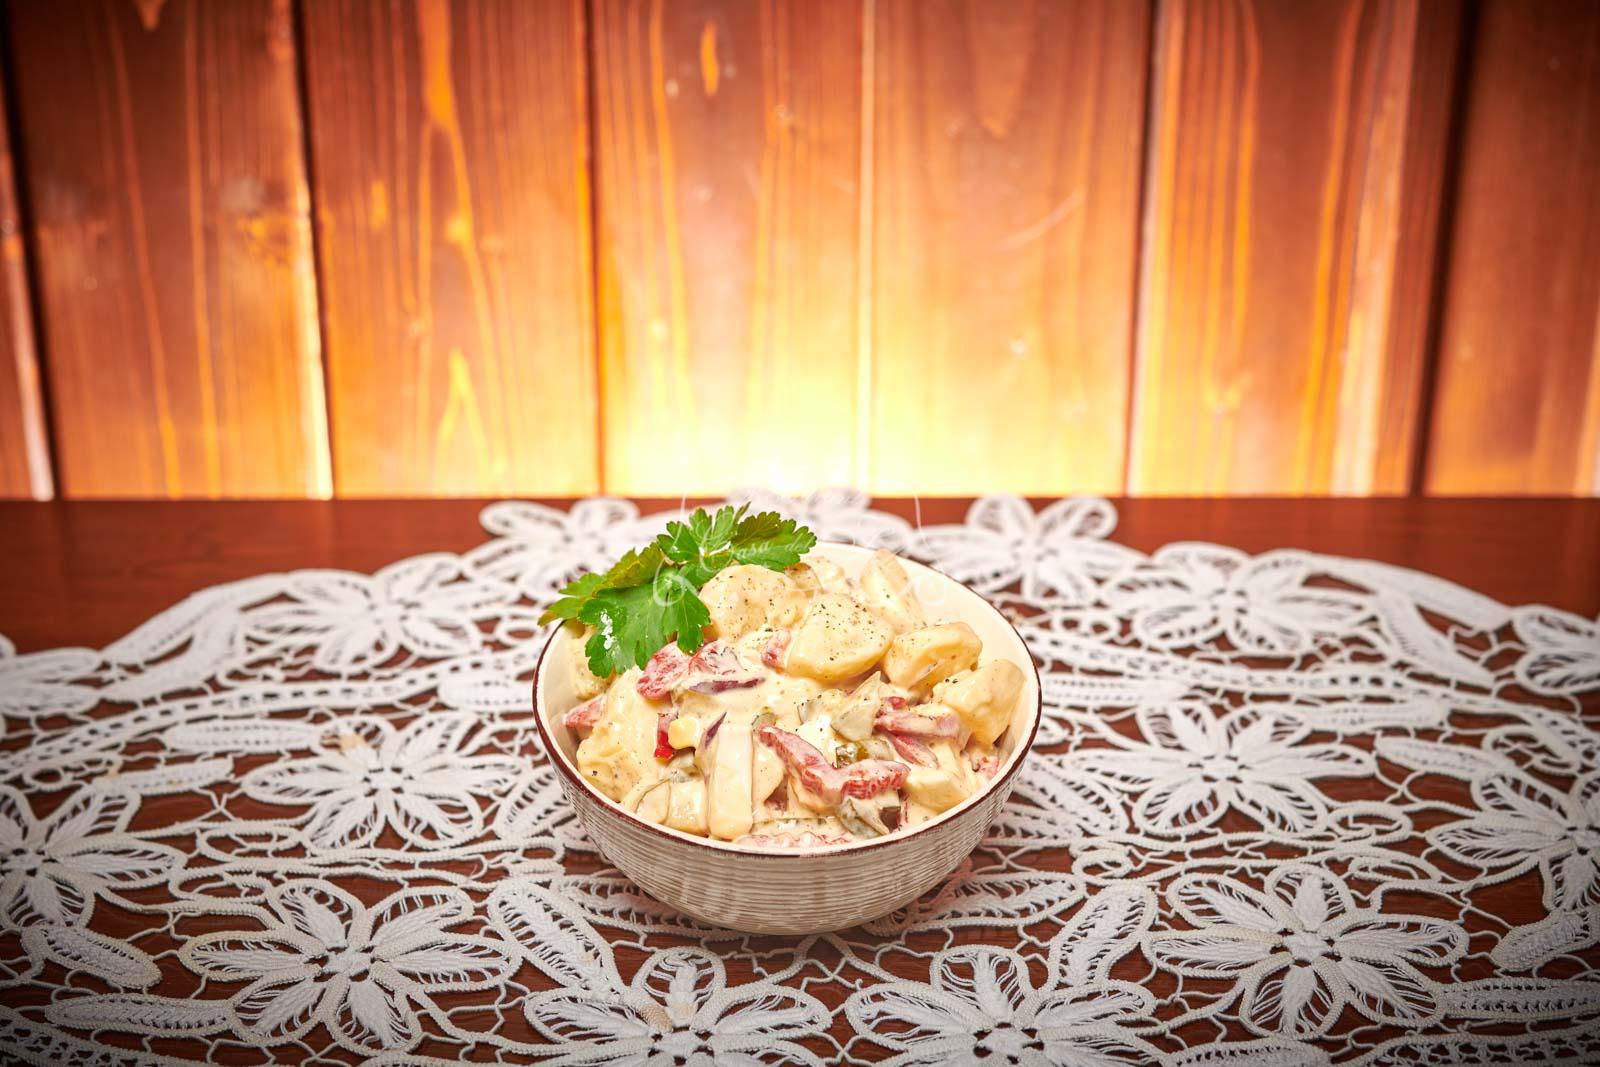 Salata orientala 0.8 kg livram acasa ori la birou in Timisoara